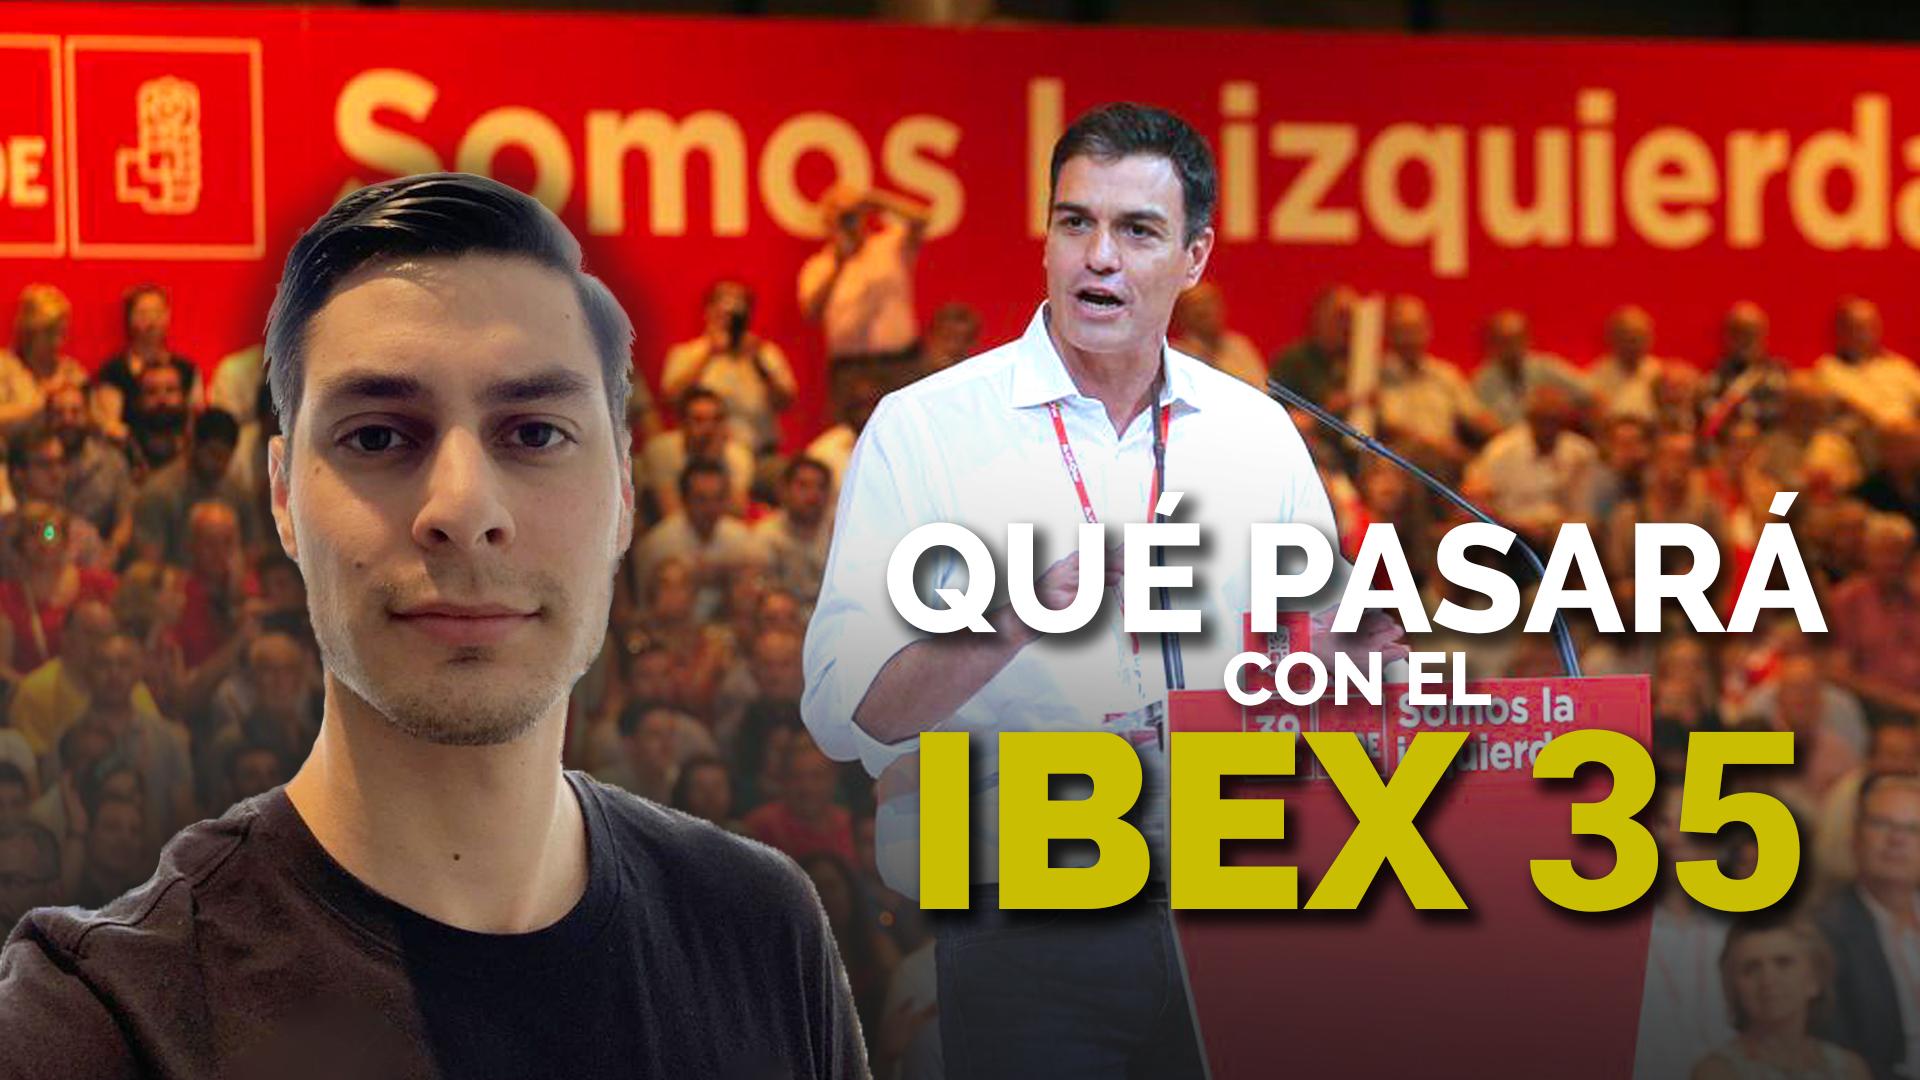 PSOE Gana Las ELECCIONES, ¿Qué Pasará Con El IBEX 35?